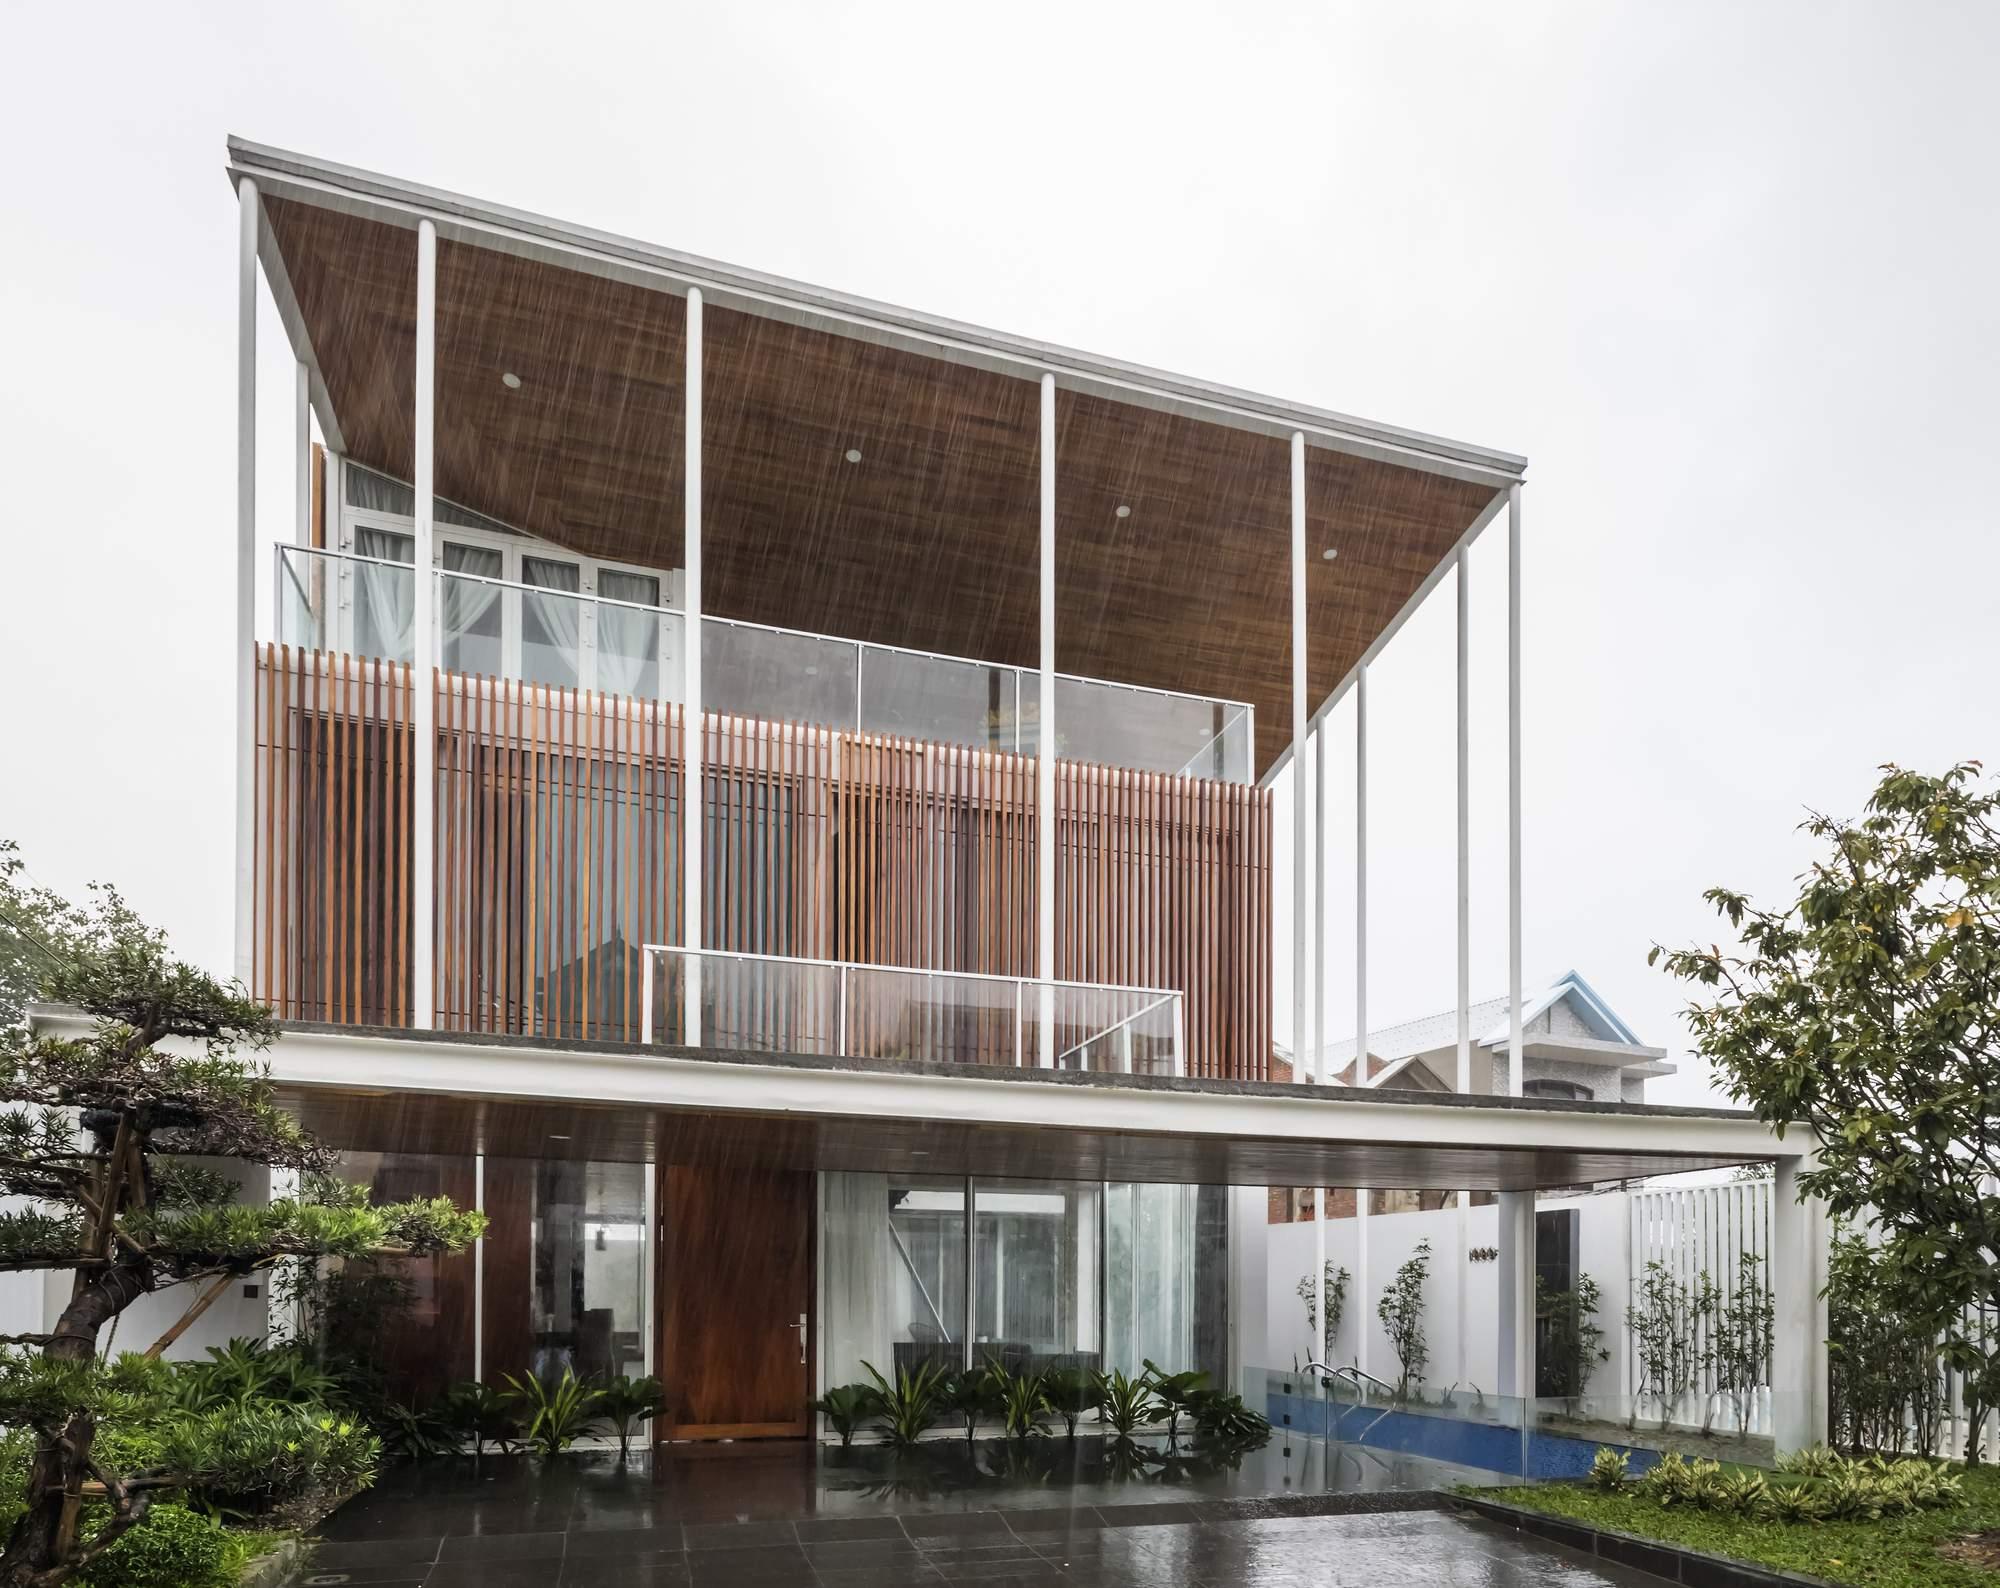 Семейный дом с внутренним садом, Вьетнам